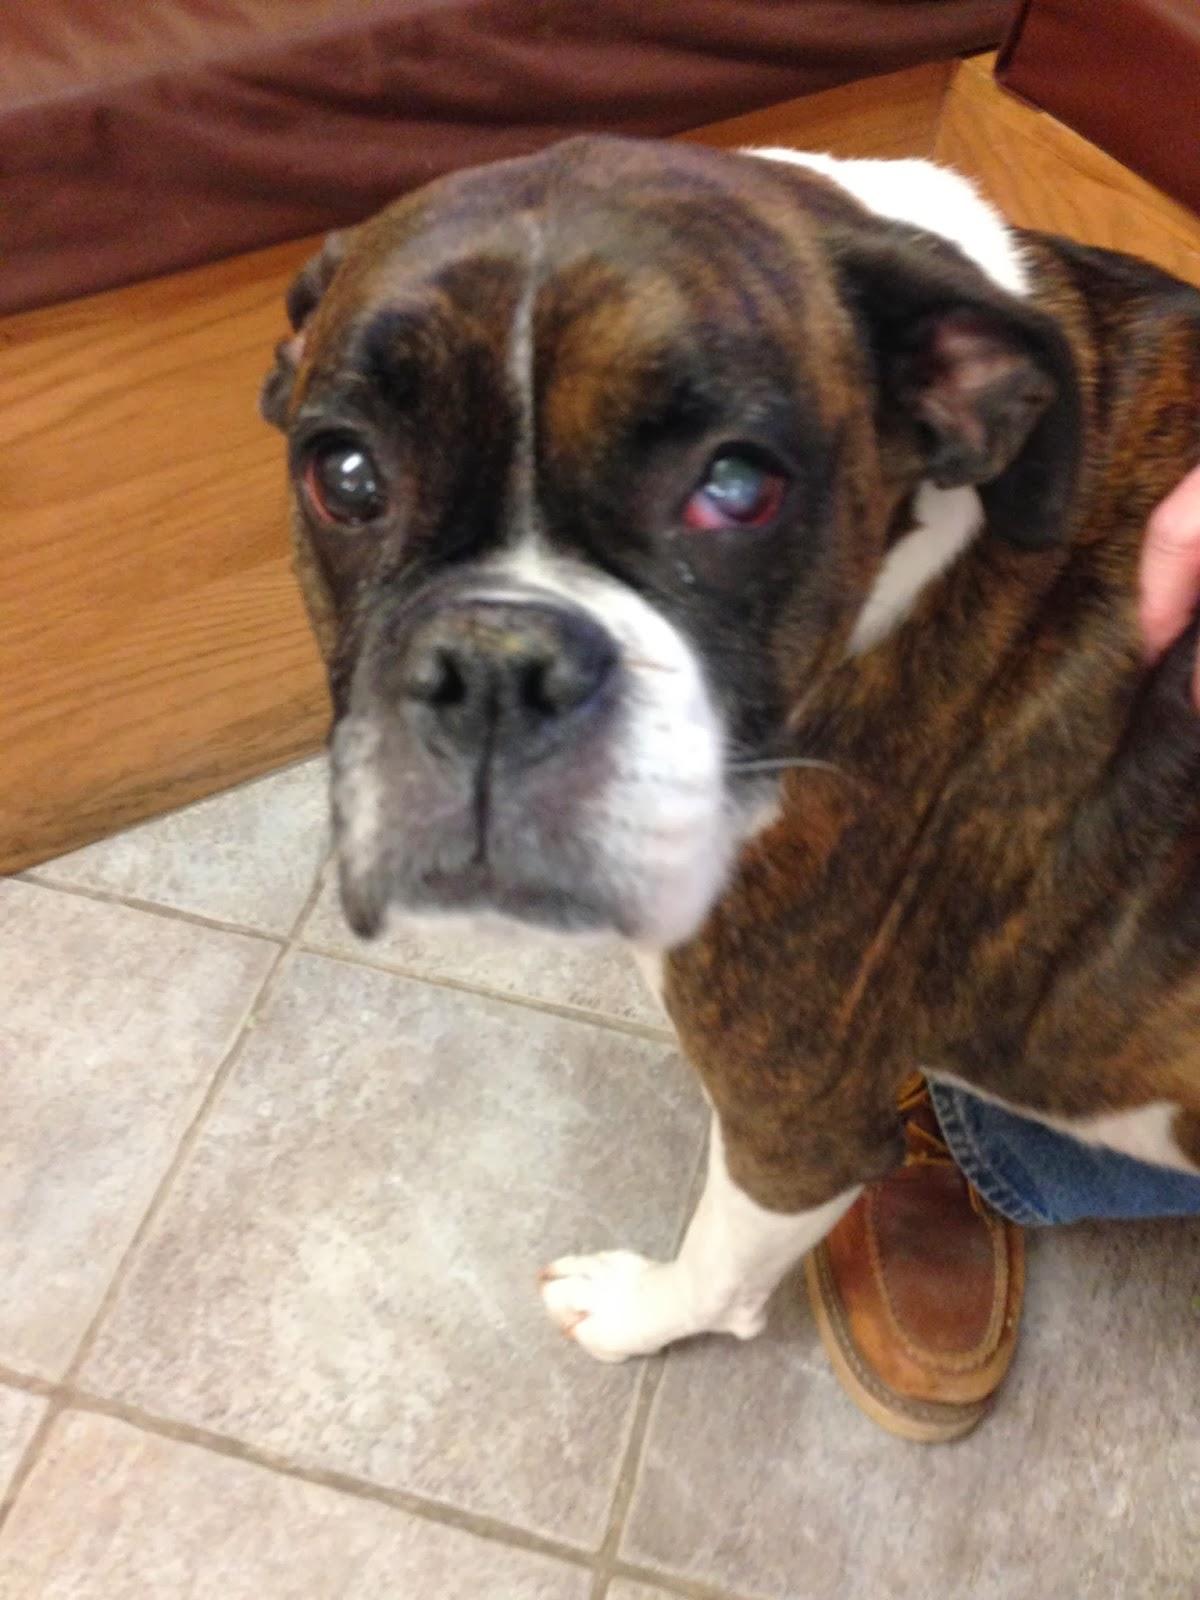 Dog Corneal Ulcer Getting Worse